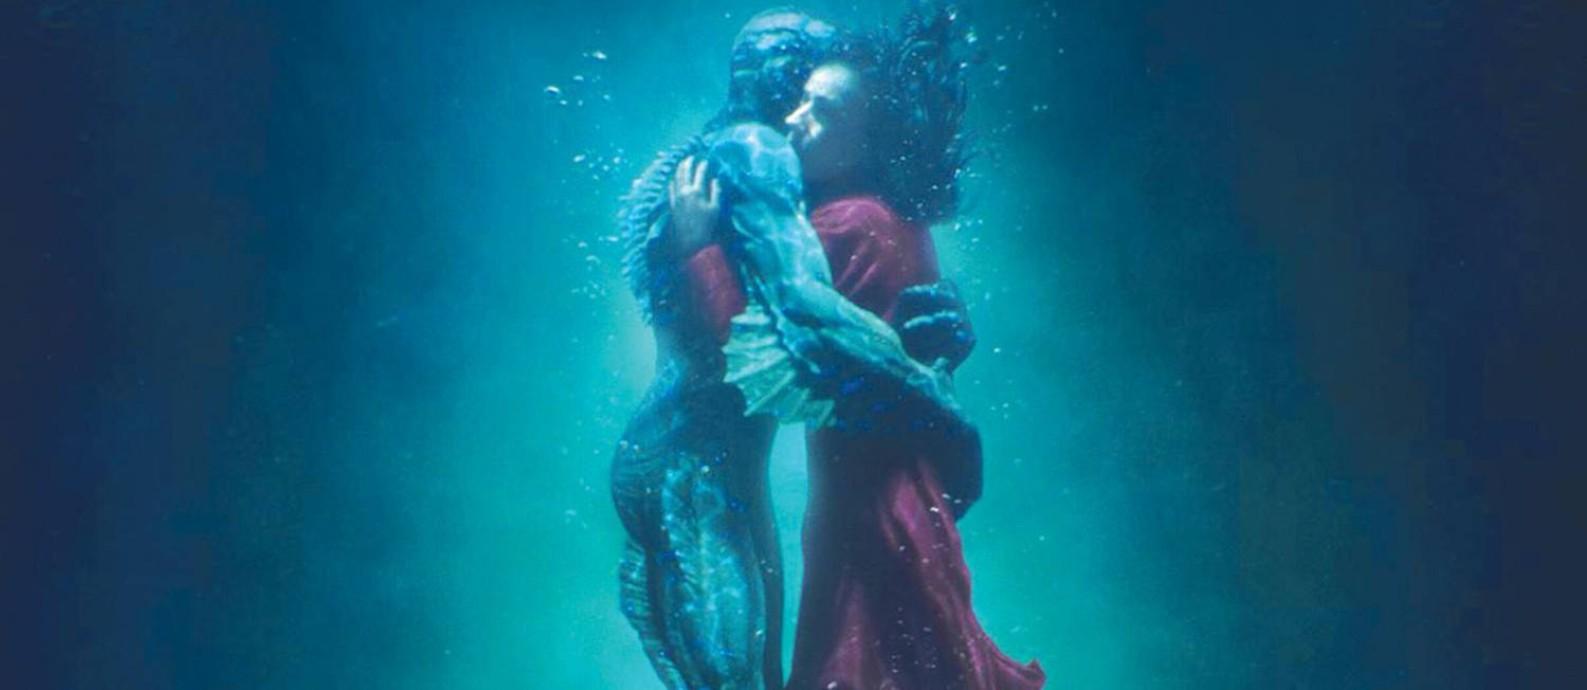 'A forma da água', campeão de indicações ao Oscar, entra em cartaz Foto: Divulgação